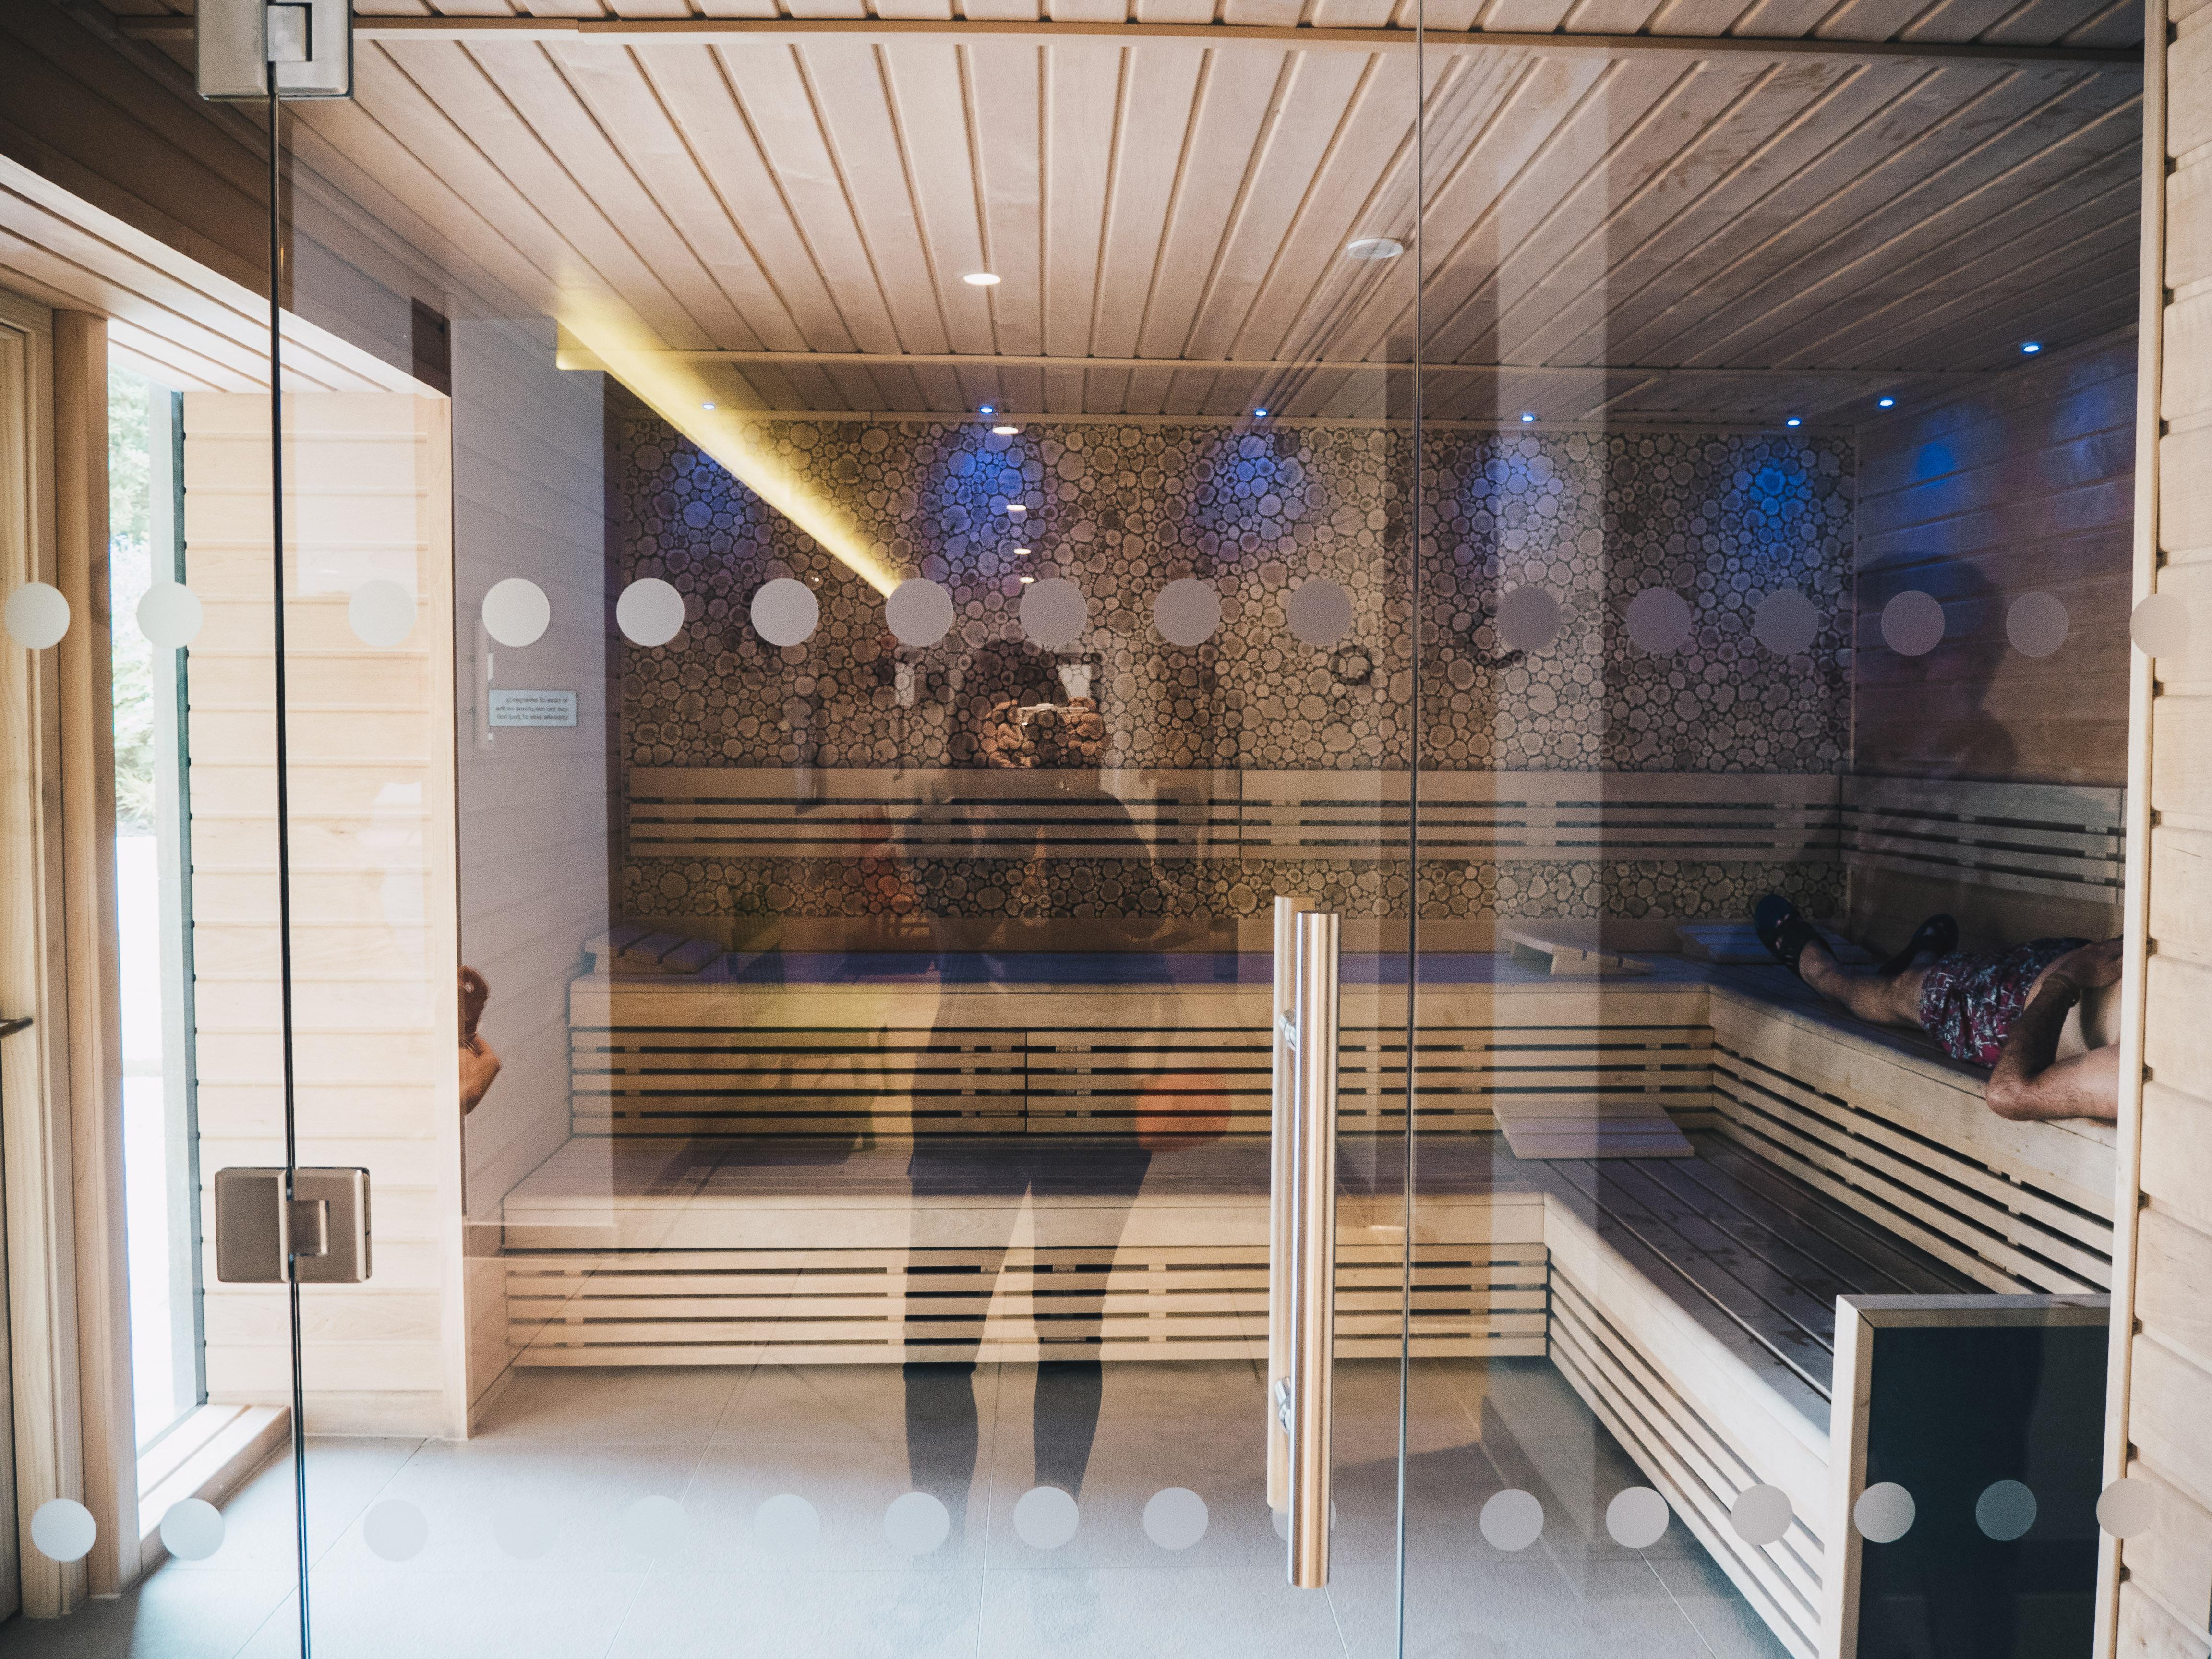 Indoor Sauna Experience Showers